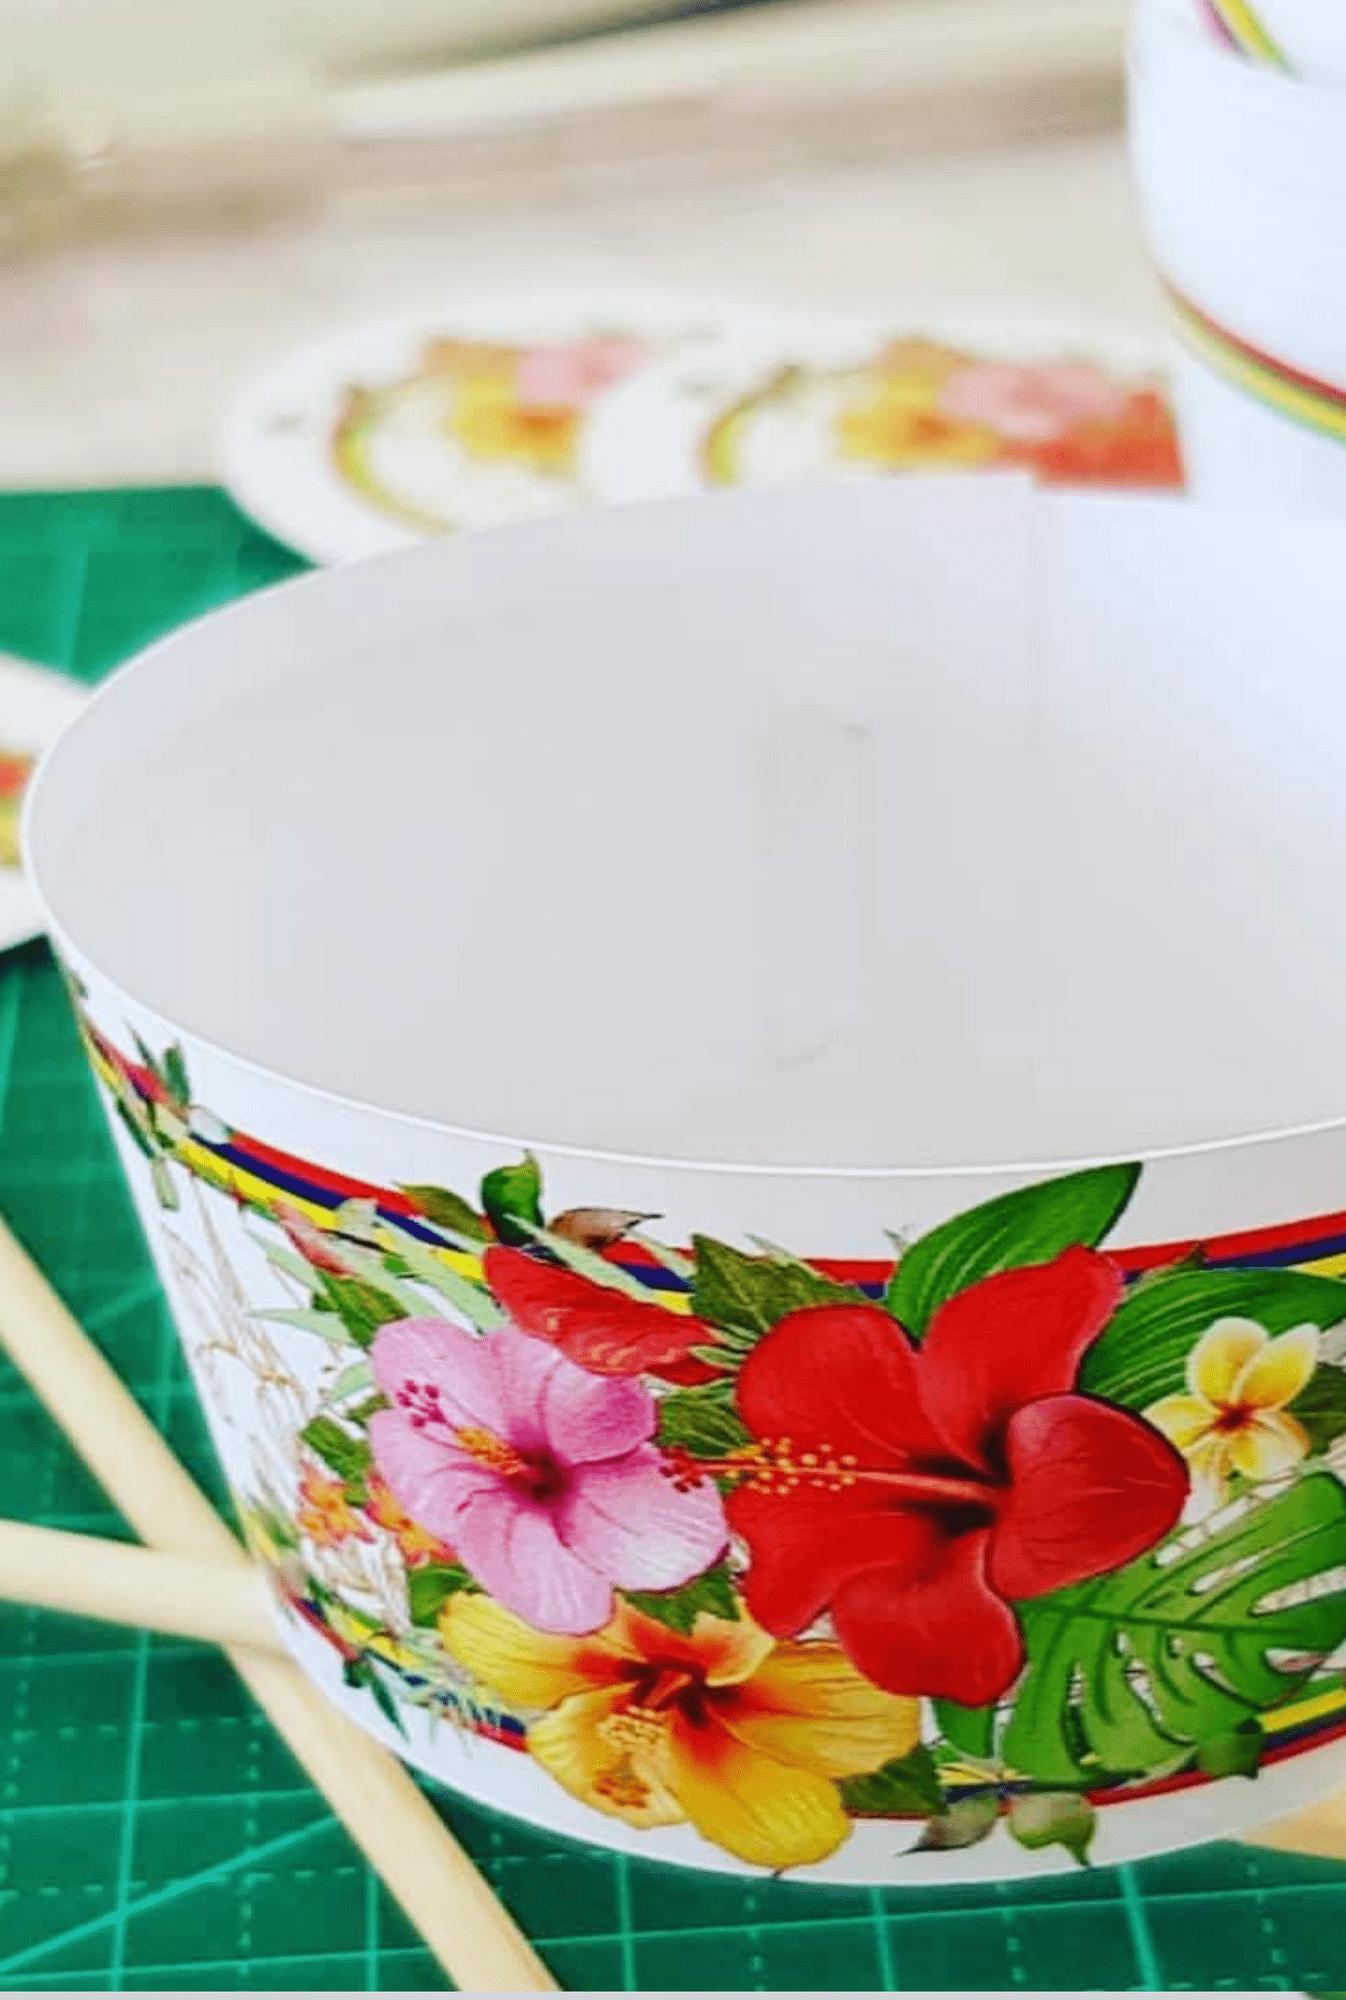 Prestation Papeterie Cup Cake Caissette Ecologique Exotique